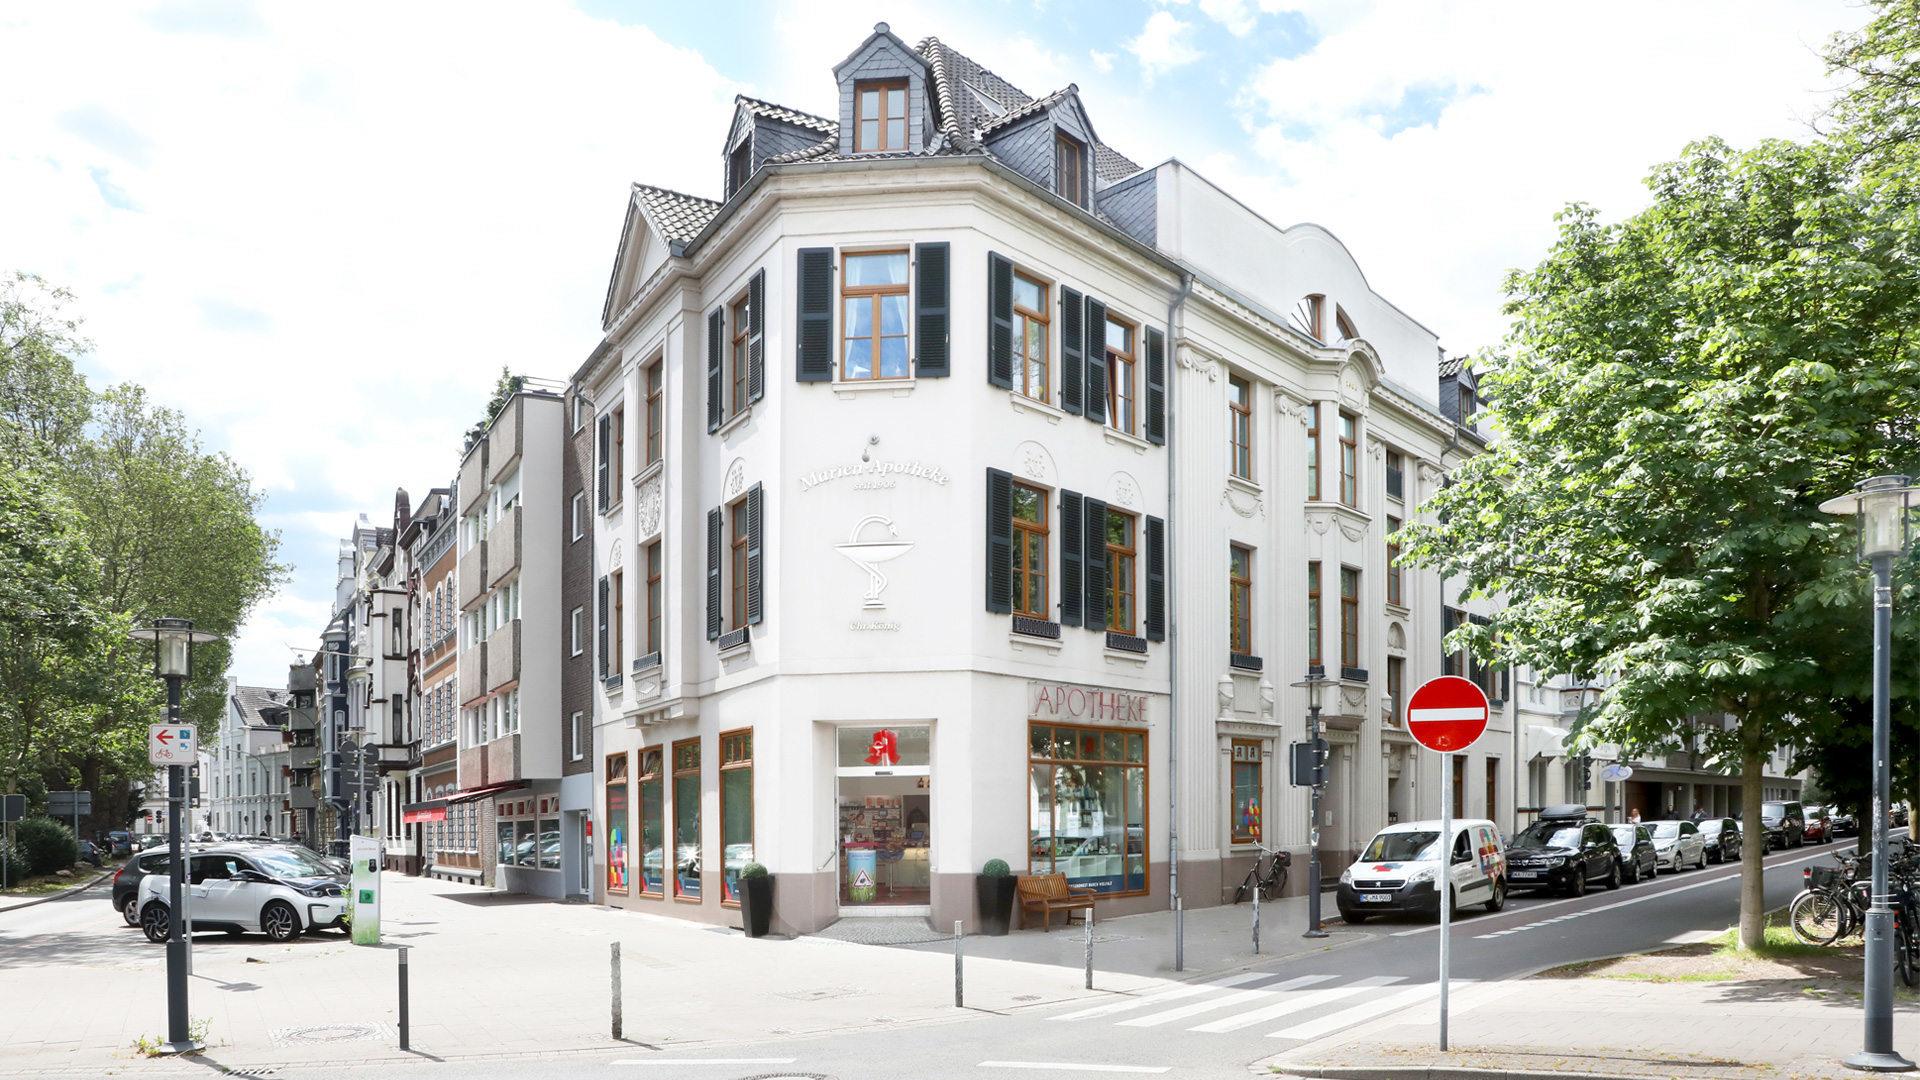 Marien Apotheke Regensburg